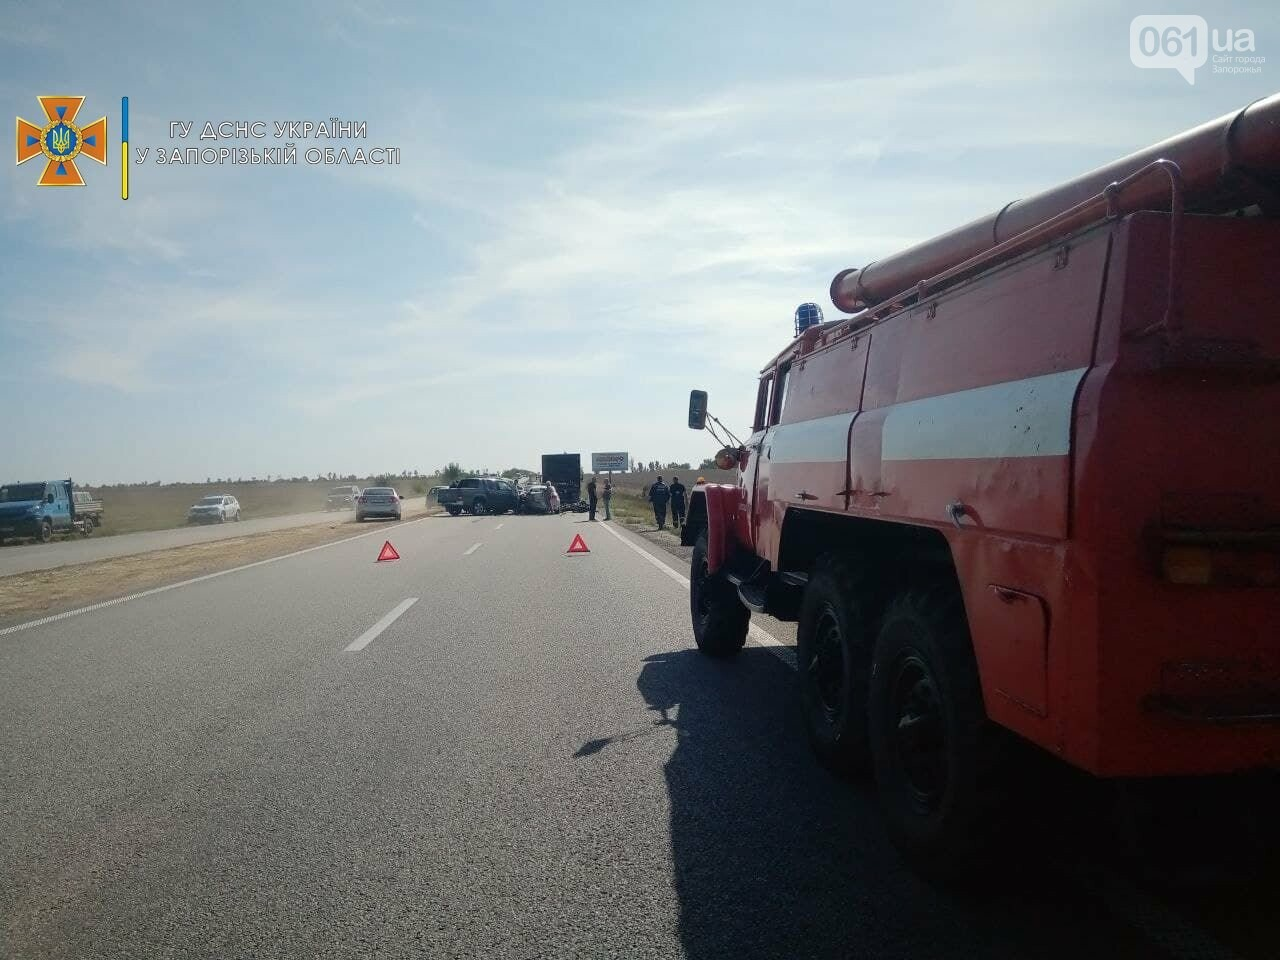 photo2021 09 1714 11 10result 61459dd8edcf4 - На запорожской трассе из-за дыма от пожара столкнулись пять автомобилей